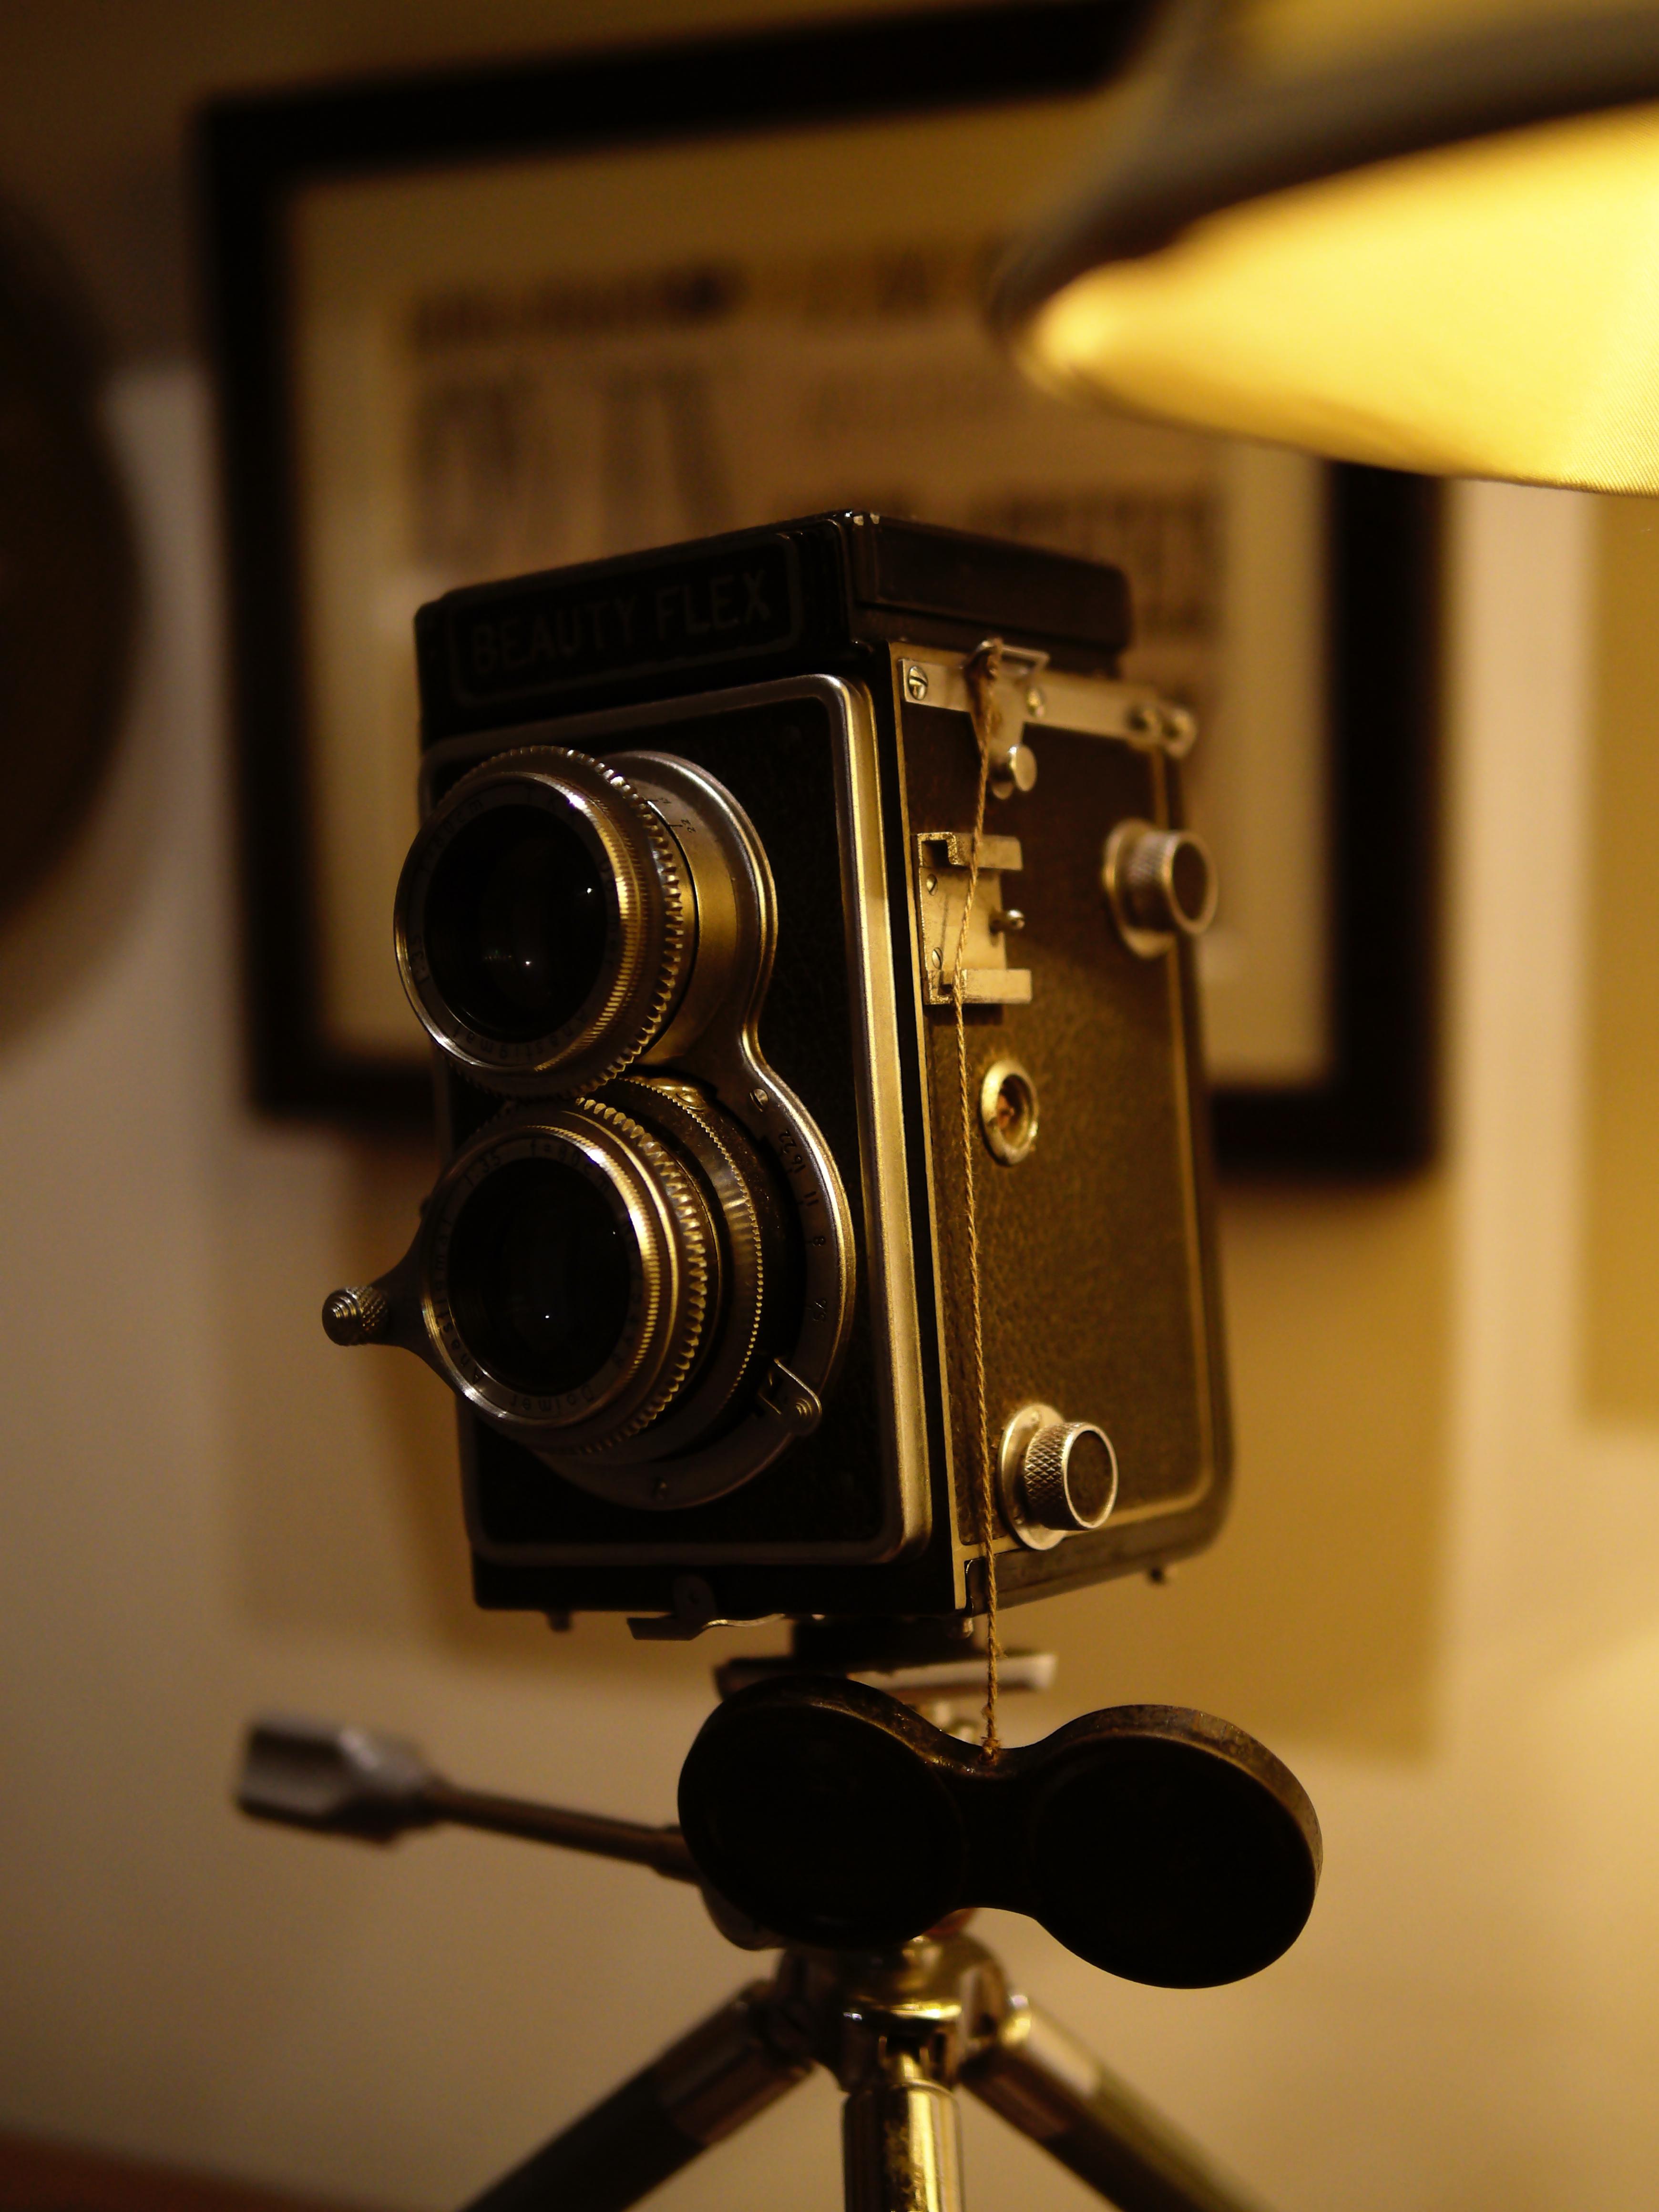 レストランにディスプレーしてあった二眼レフカメラを撮影。LEICA DG SUMMILUX 25mm/F1.4 ASPH.を使用することでローライトコンディションでも十分撮影することができた。ISO800 / F1.4 / 1/109秒 / -1.0EV / 25mm